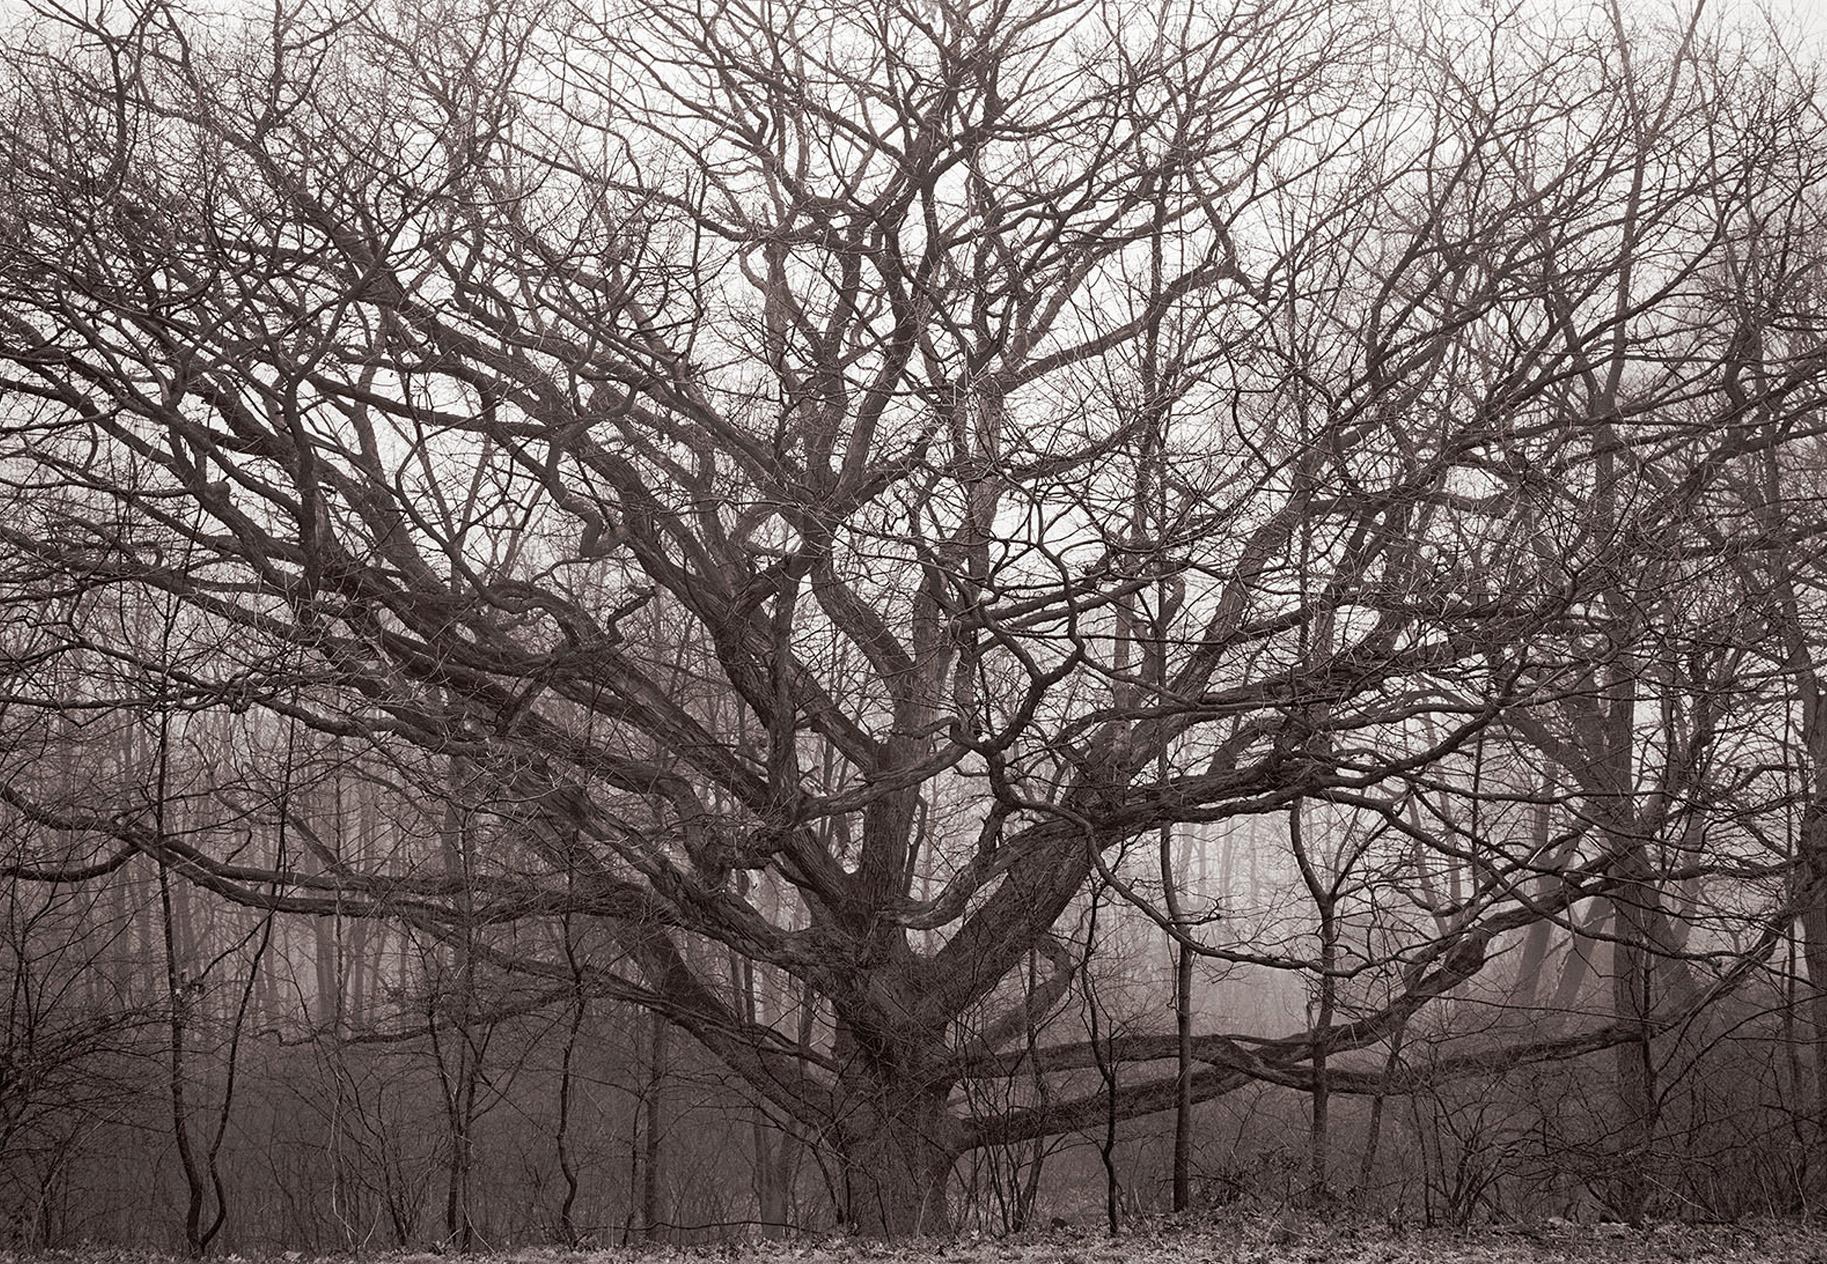 Oak tree_v2_FINAL_MR